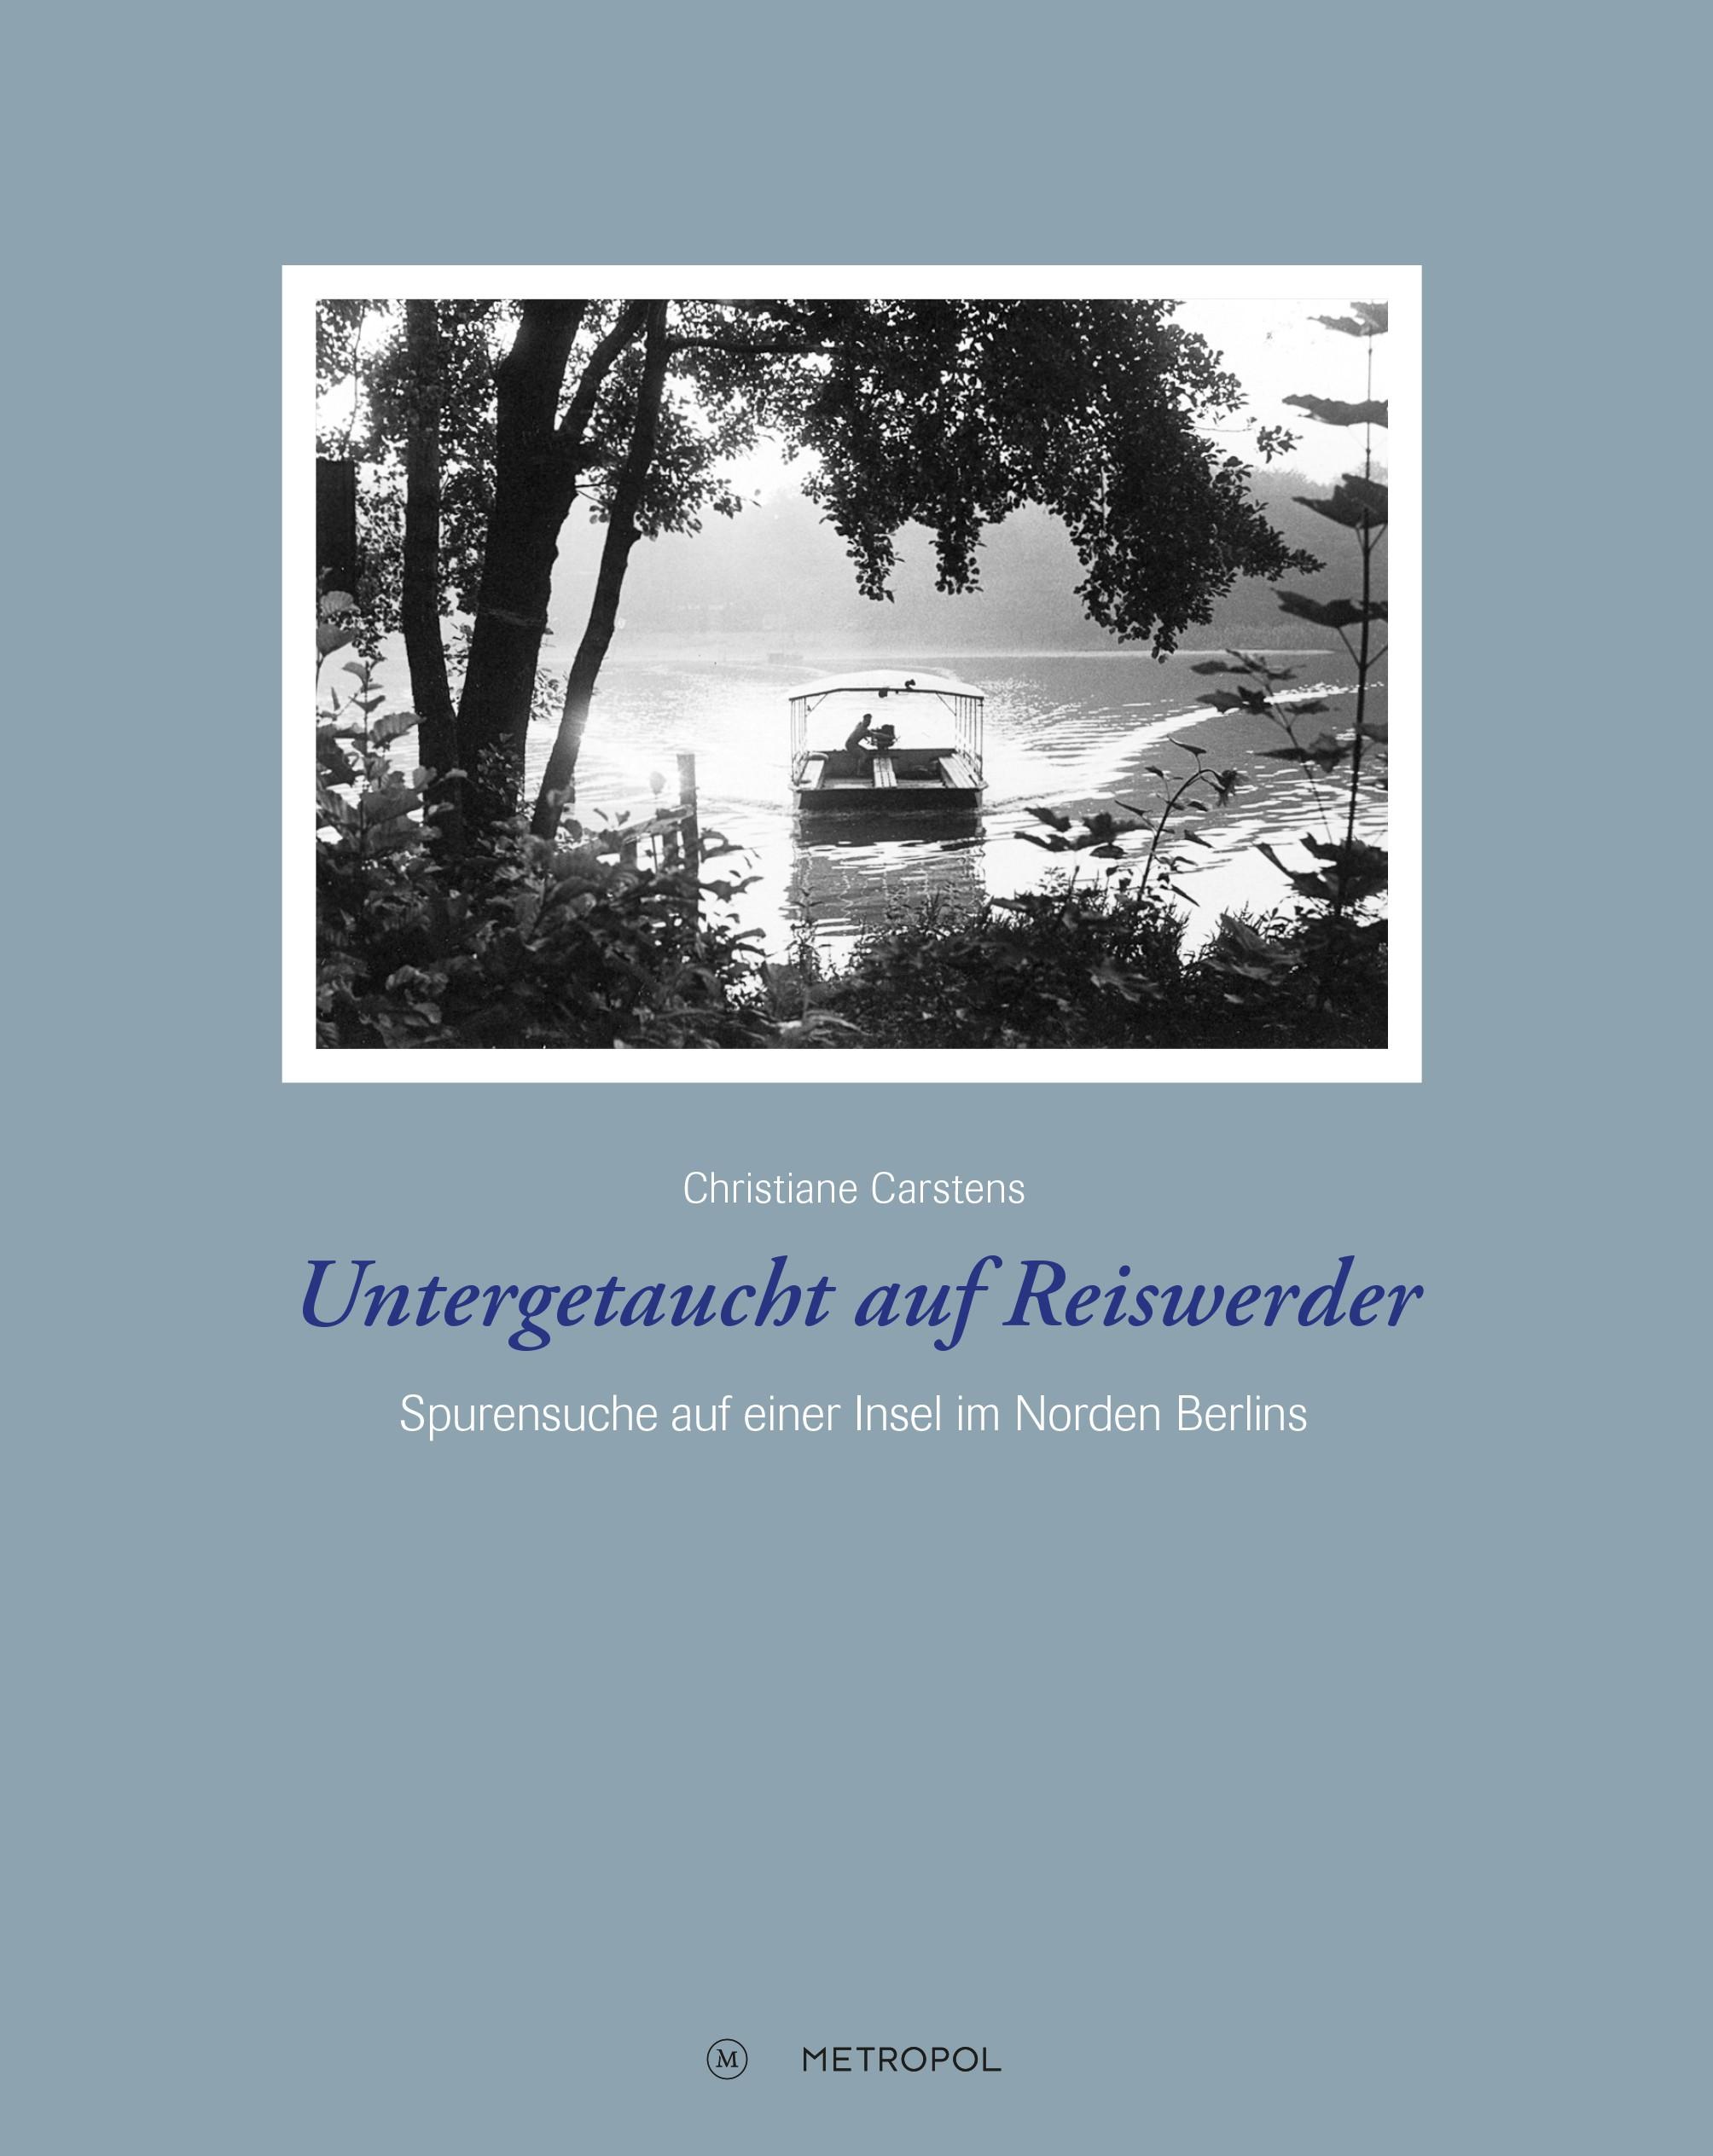 us_carstens_reiswerder_entwurf.indd